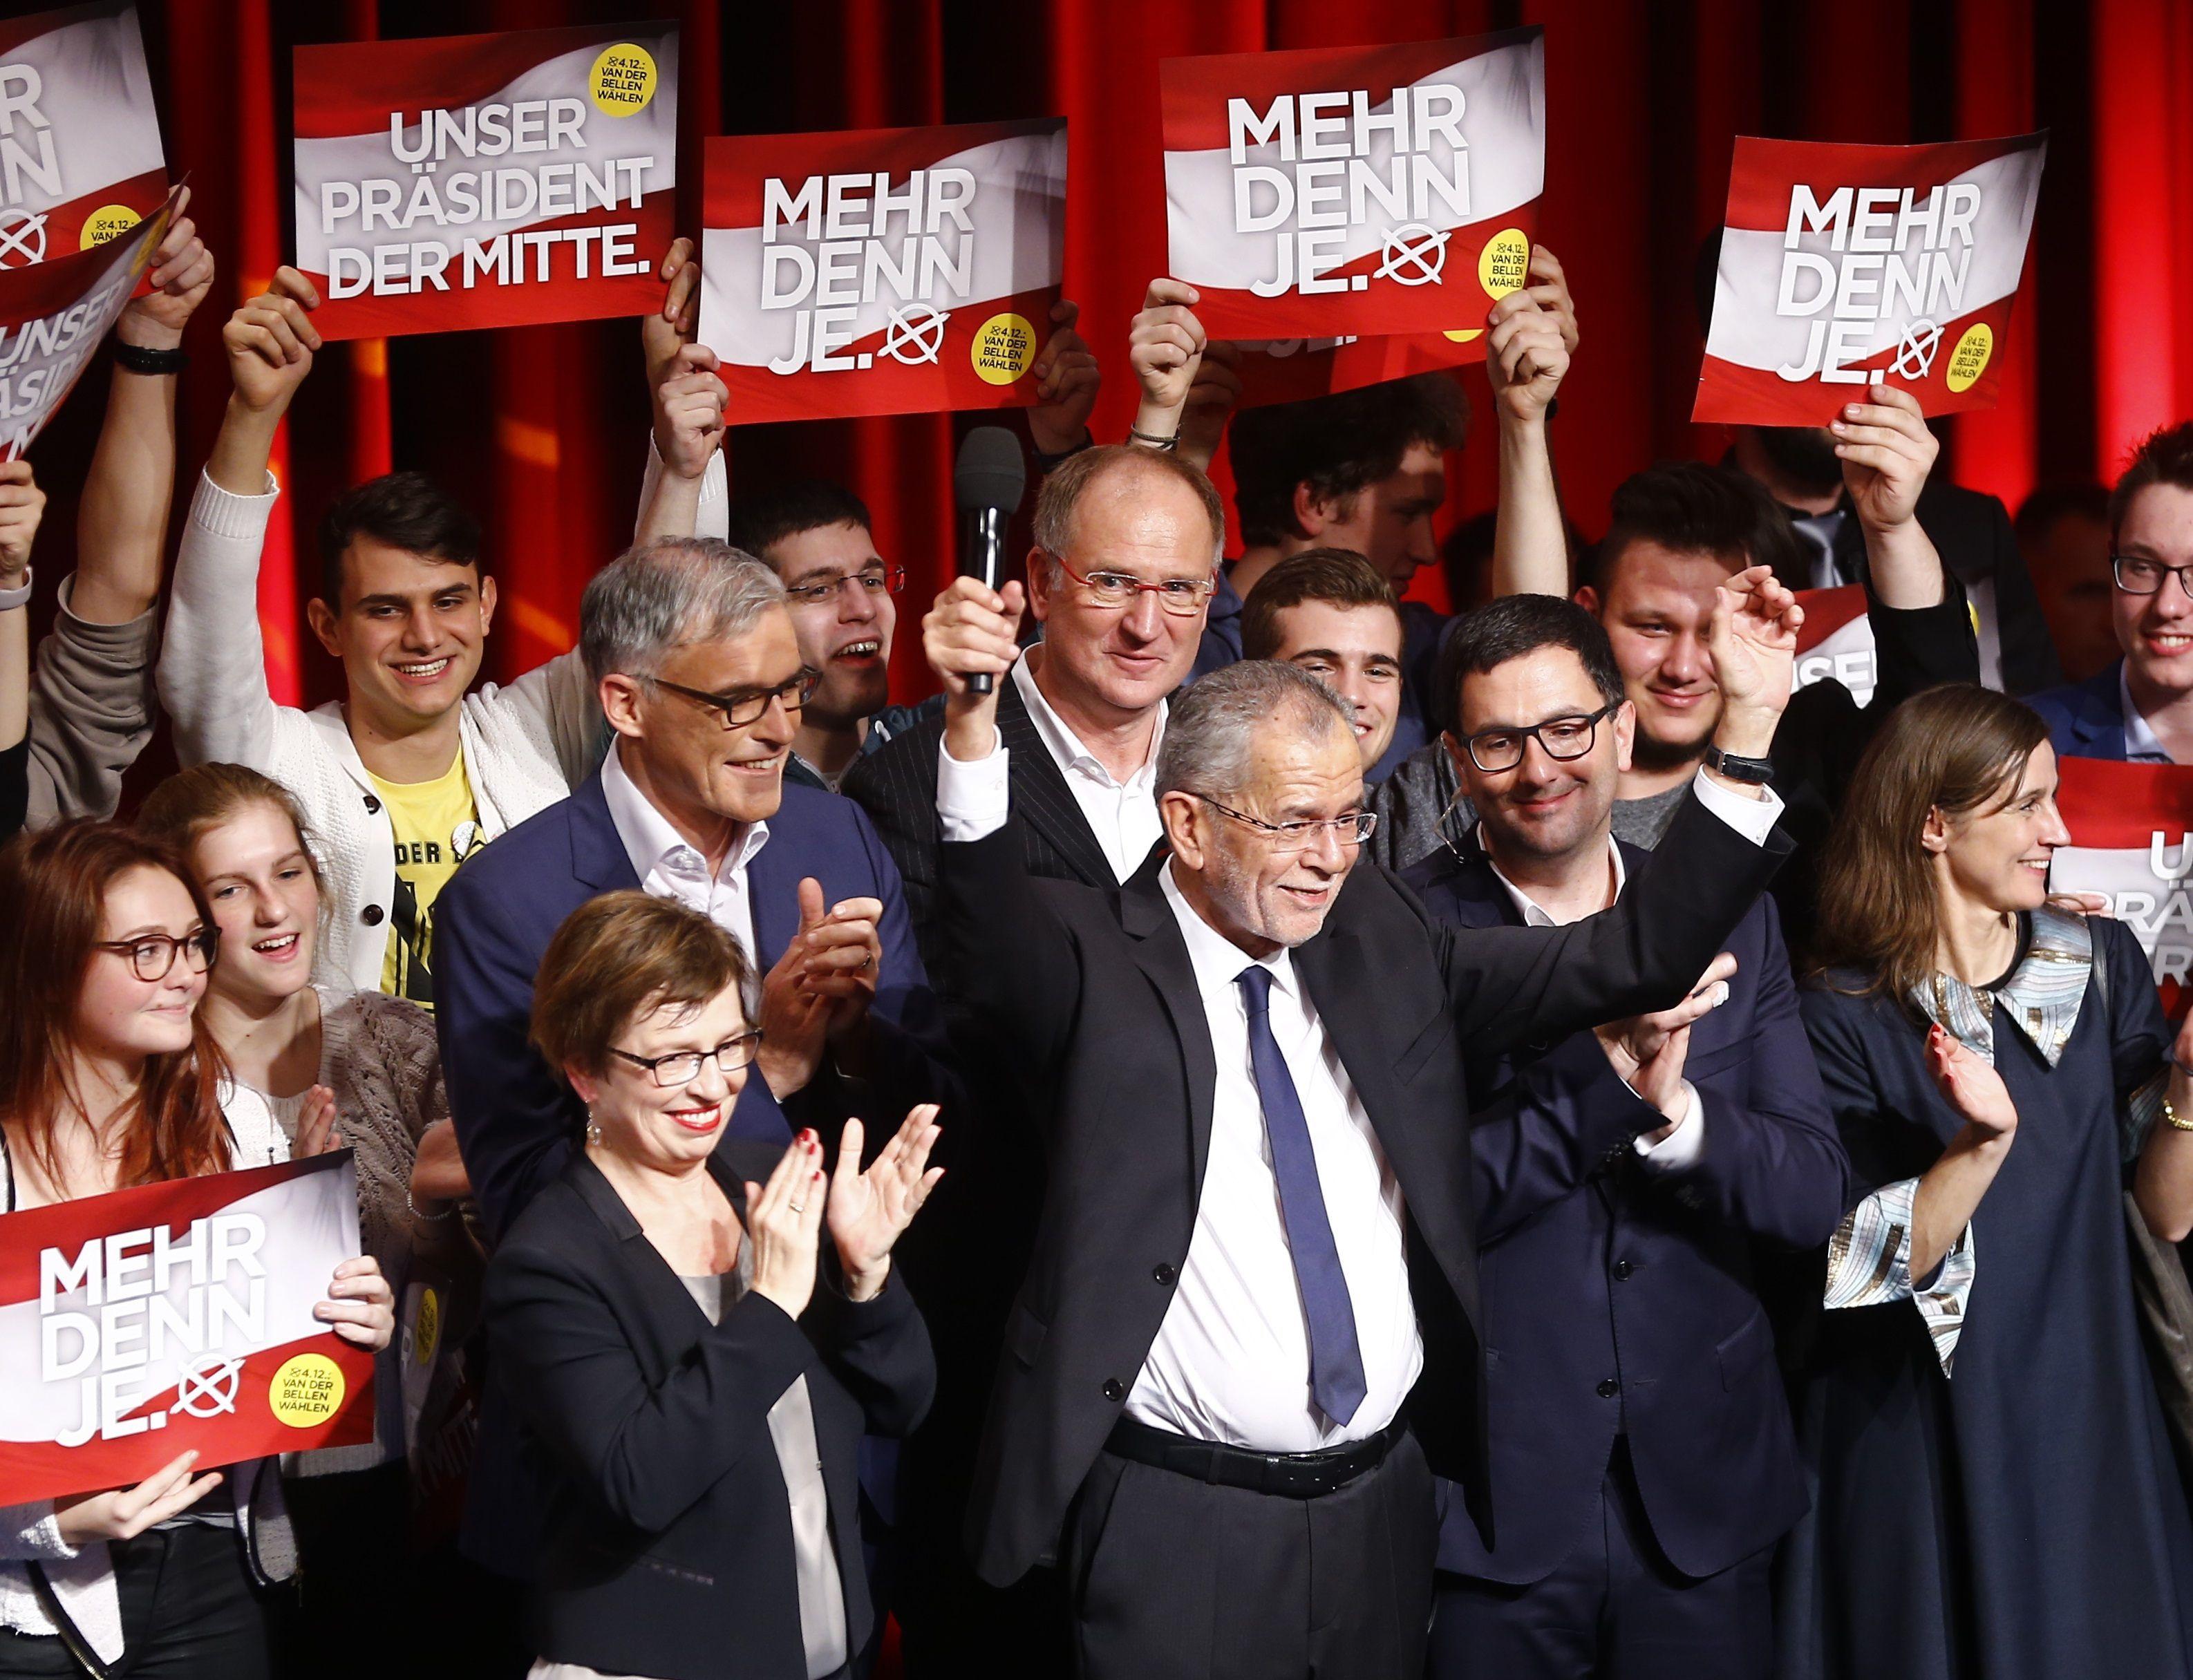 Александер ван дер Беллен со своими сторонниками